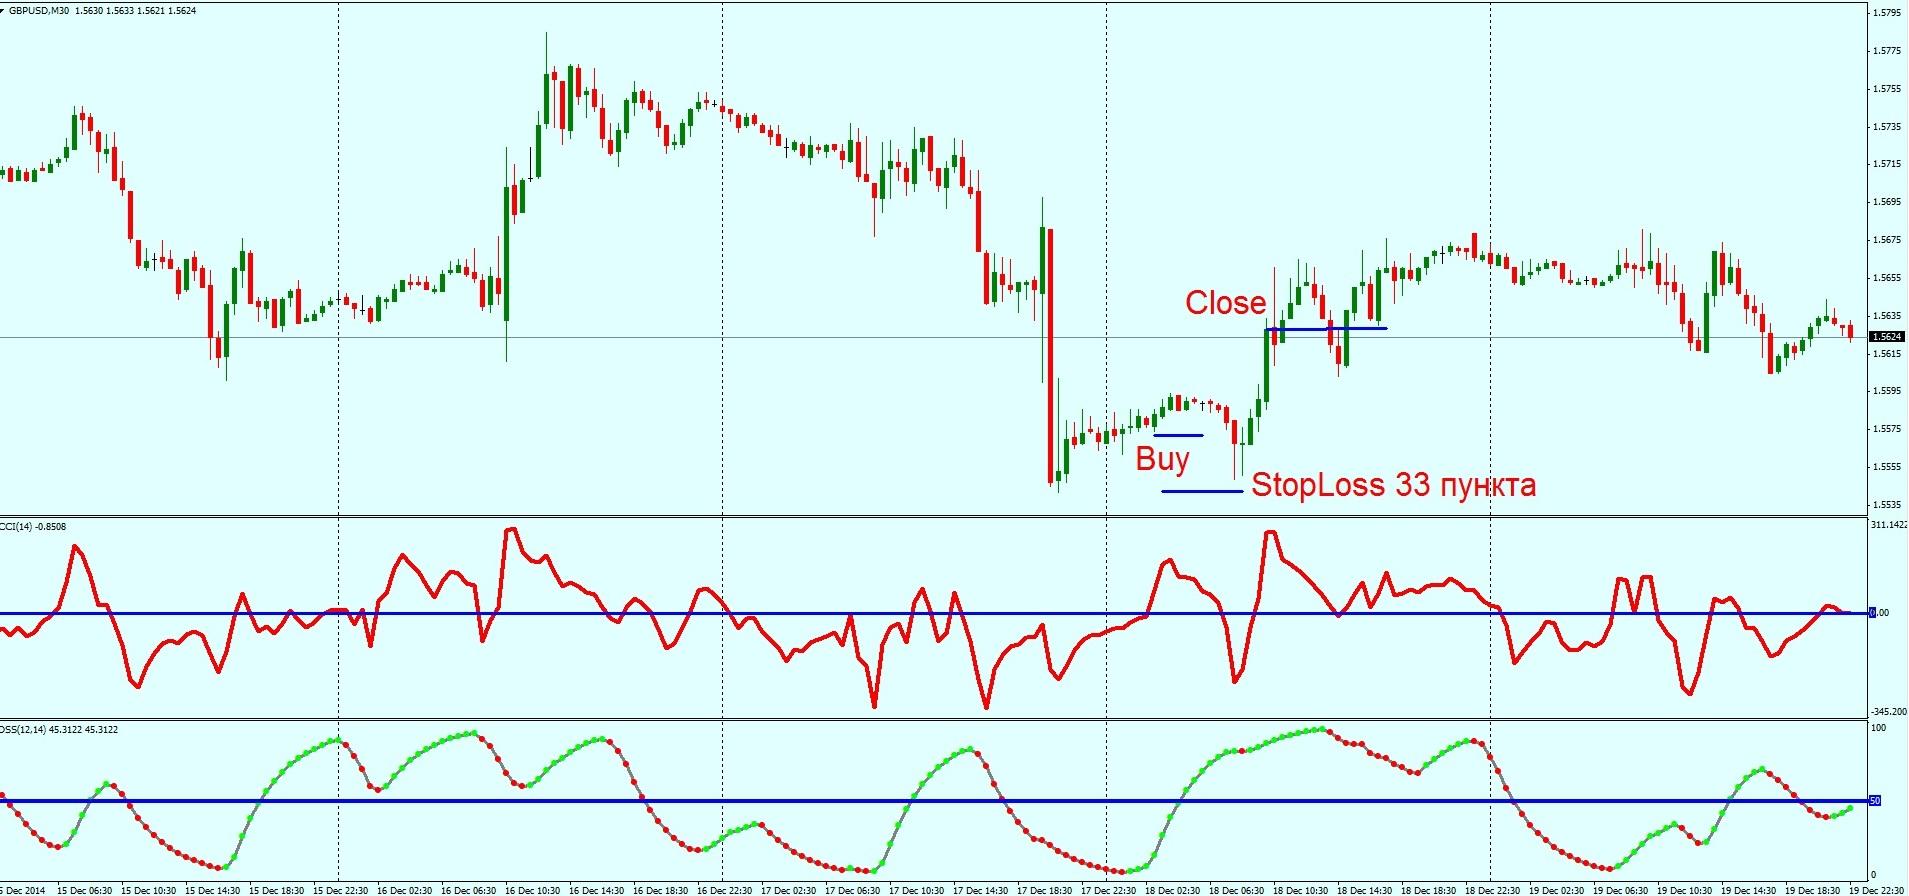 Форекс стратегии на индикатор cci ежедневная торговля на форекс